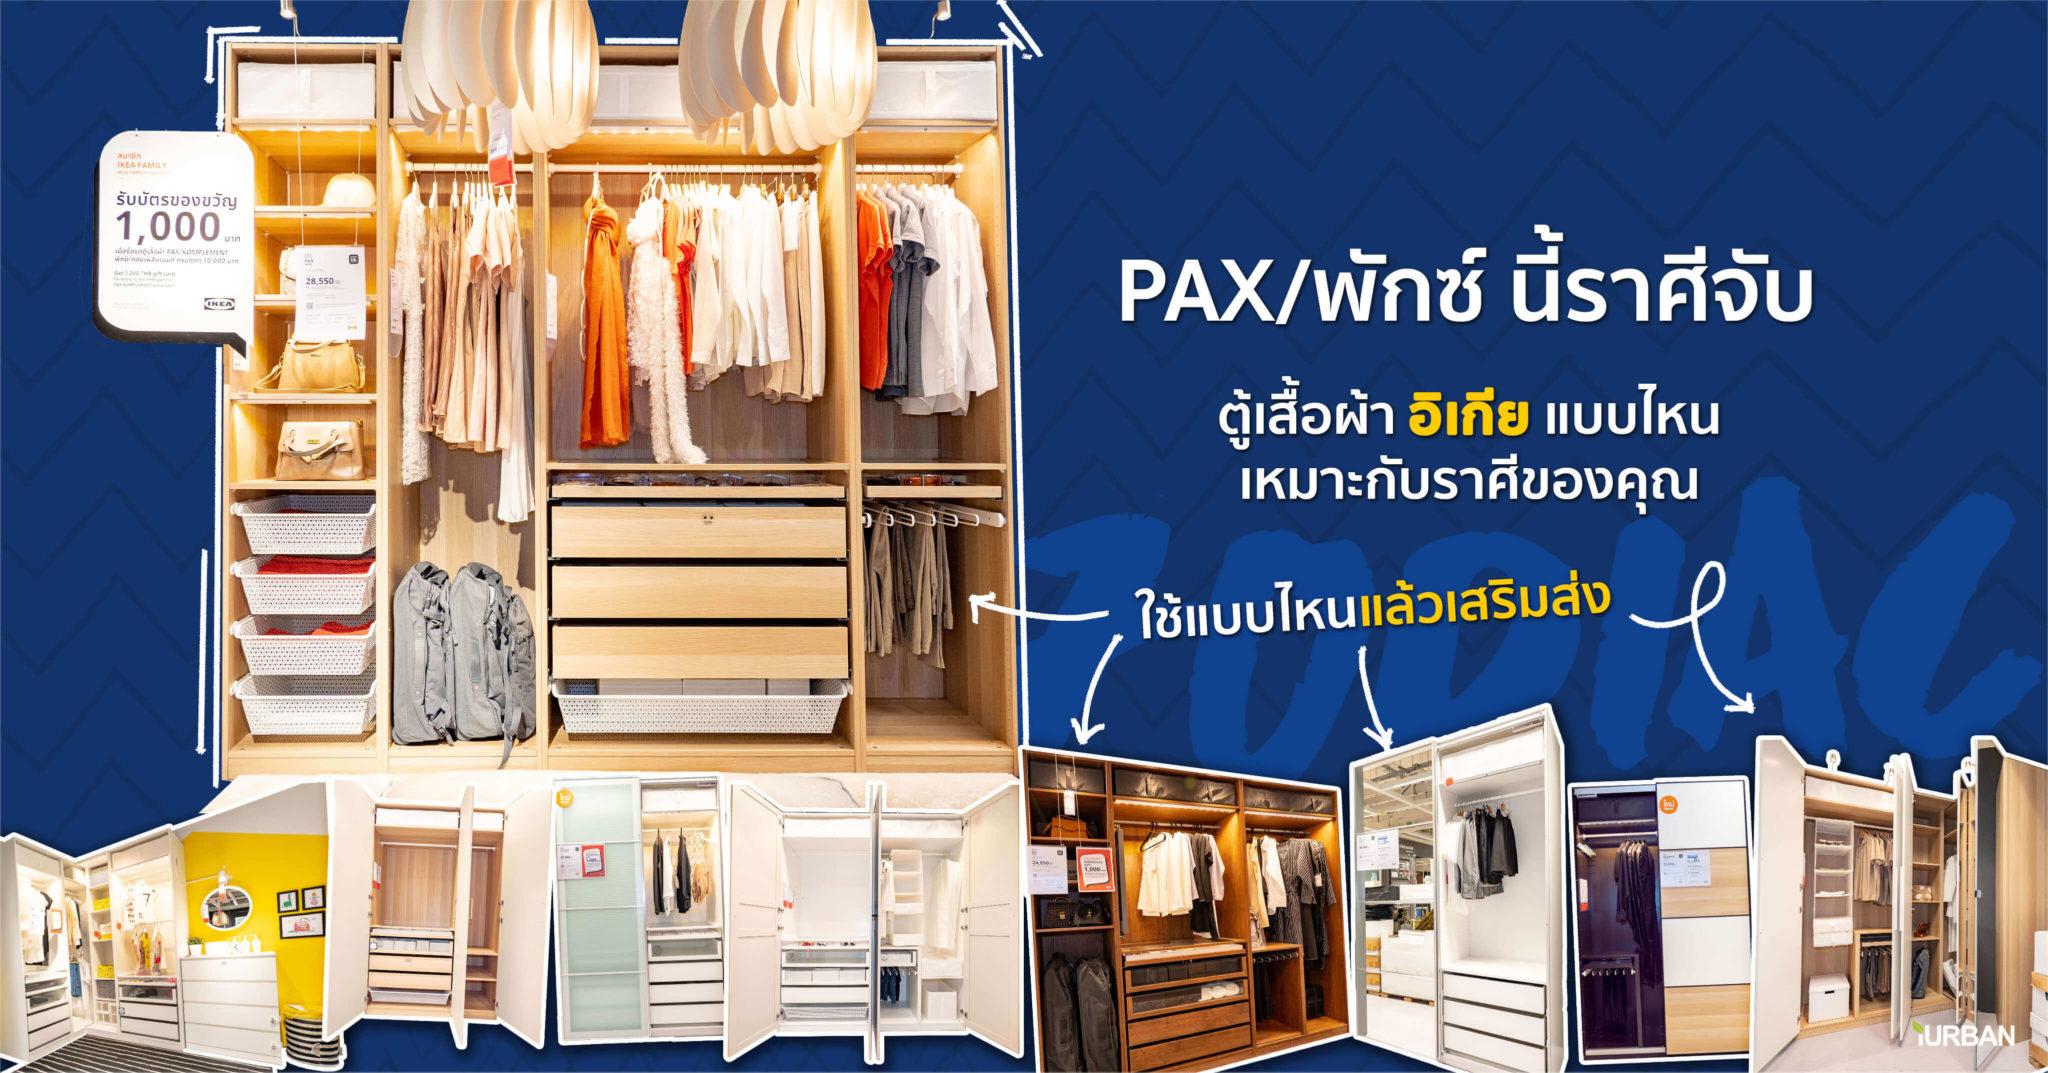 ราศีของคุณเหมาะกับแบบตู้เสื้อผ้า IKEA PAX ชุดไหนใช้เฮง เอ๊าาา นี่วิเคราะห์จริงจังนะ 13 - Bedroom